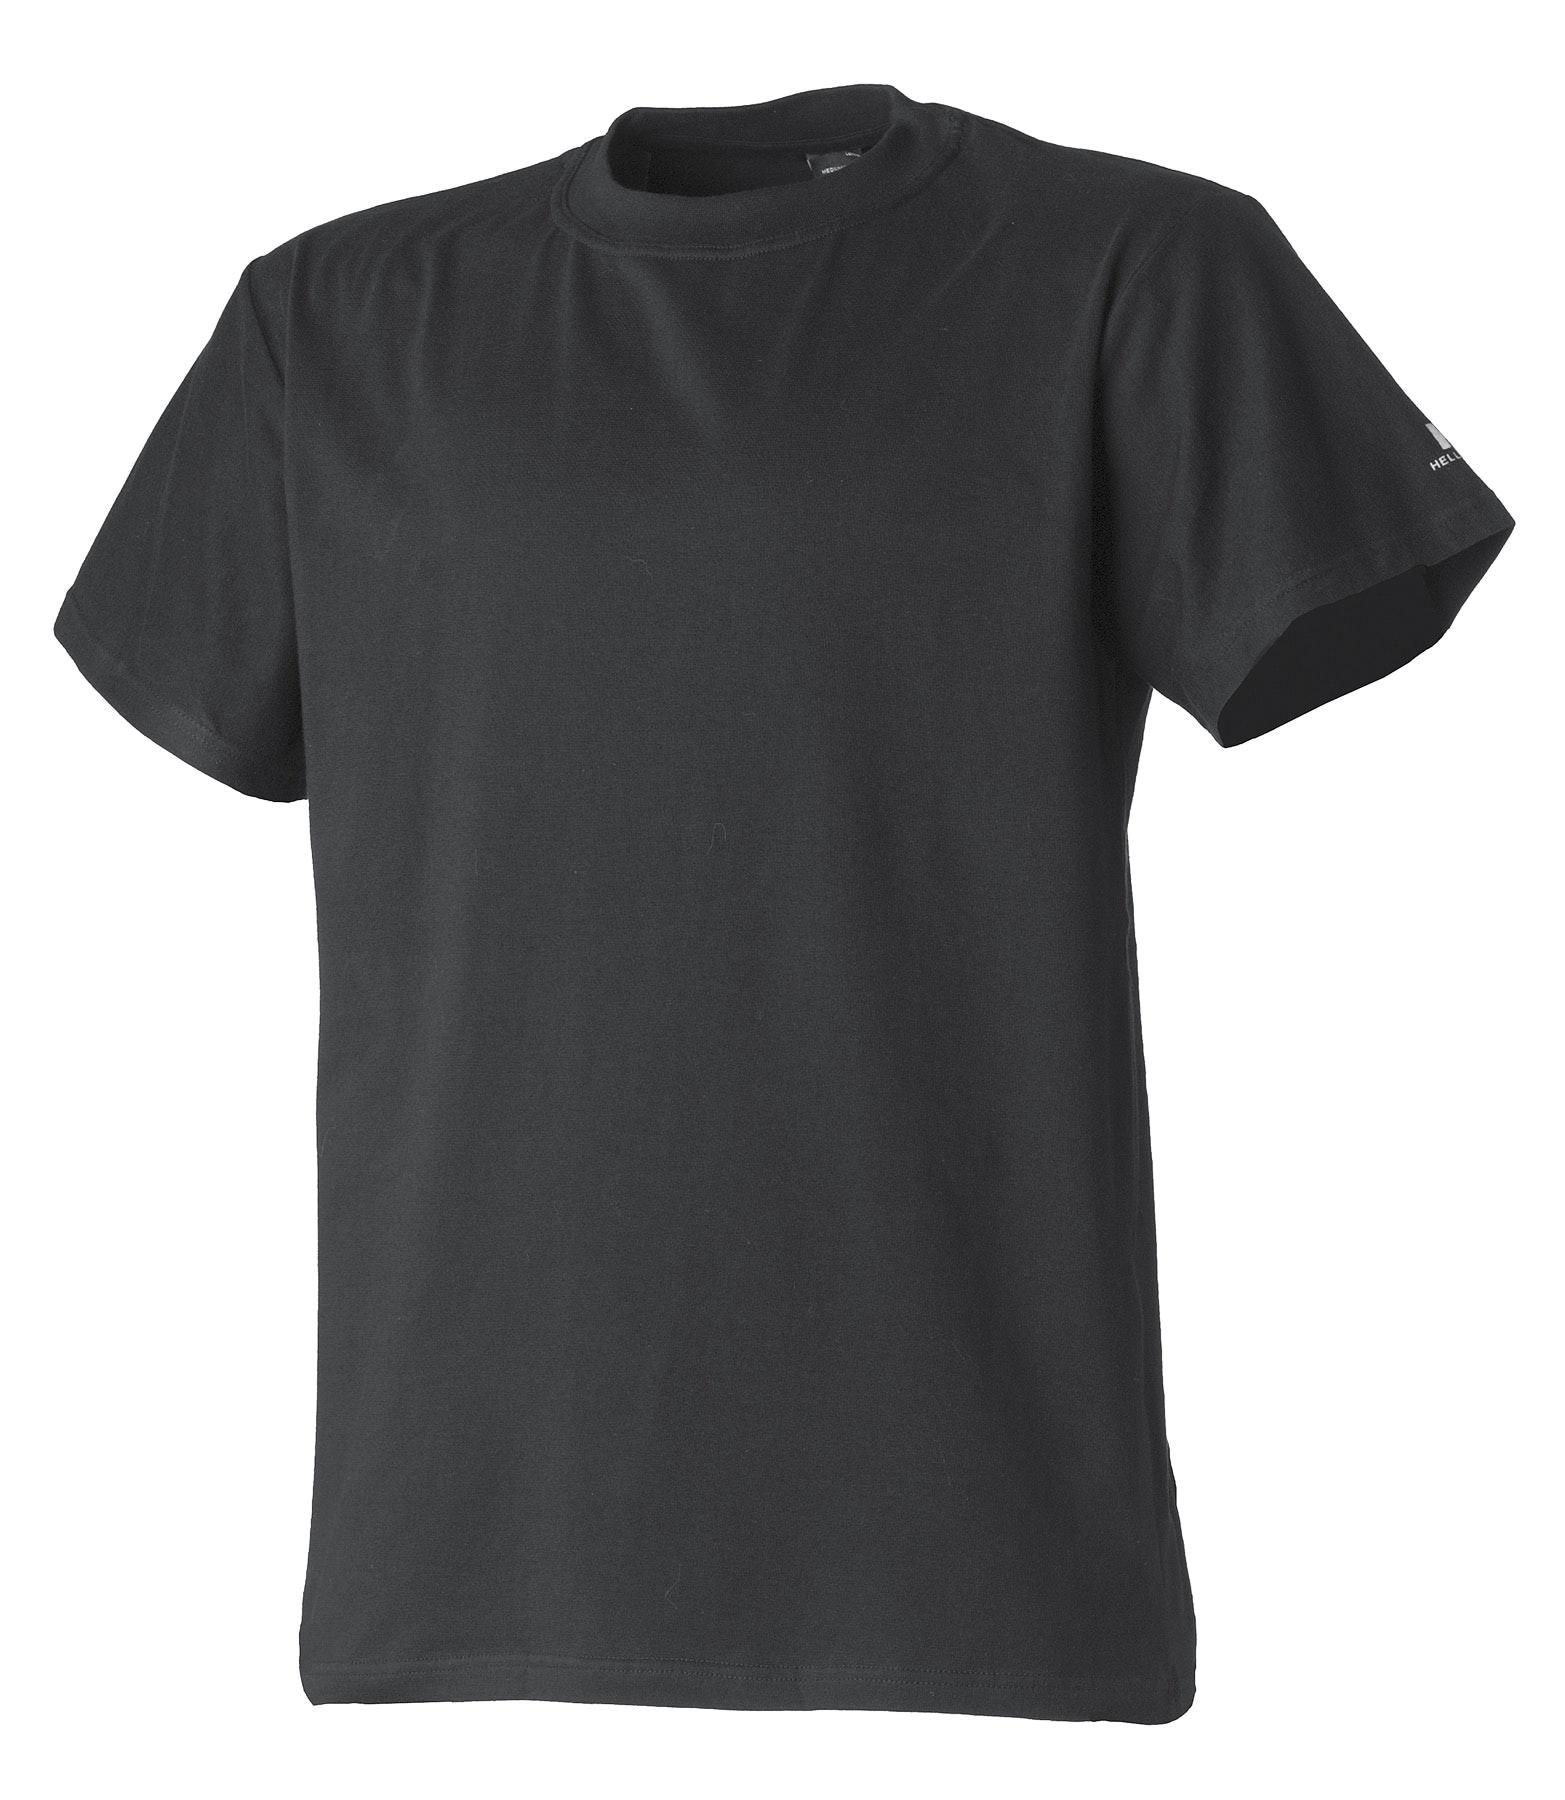 T-Shirt Helly Hansen Marin Xl Manchester